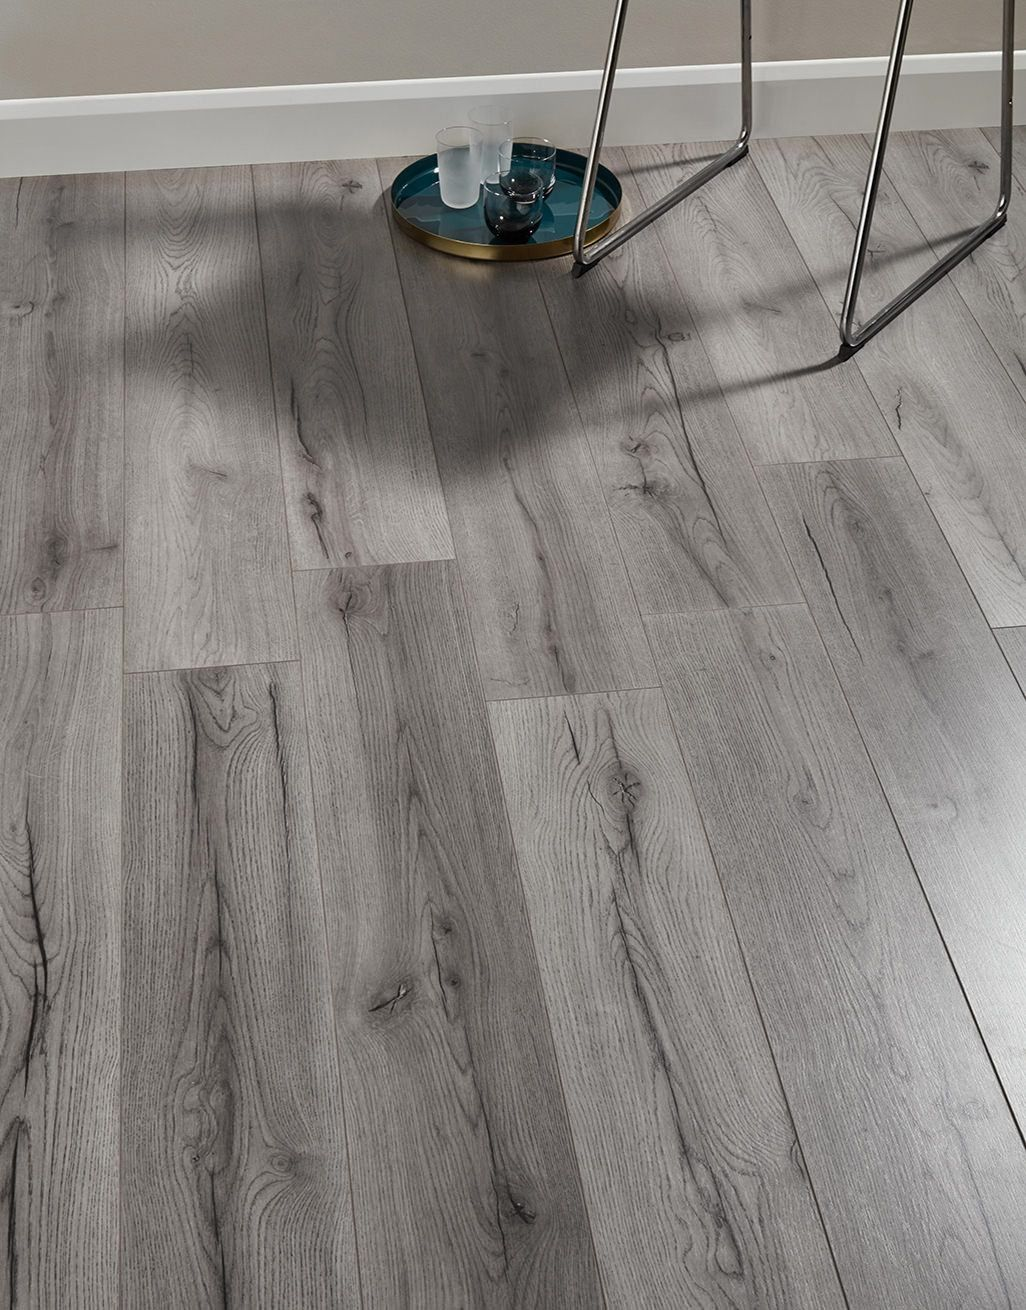 Greywhite laminate floors FREE | in